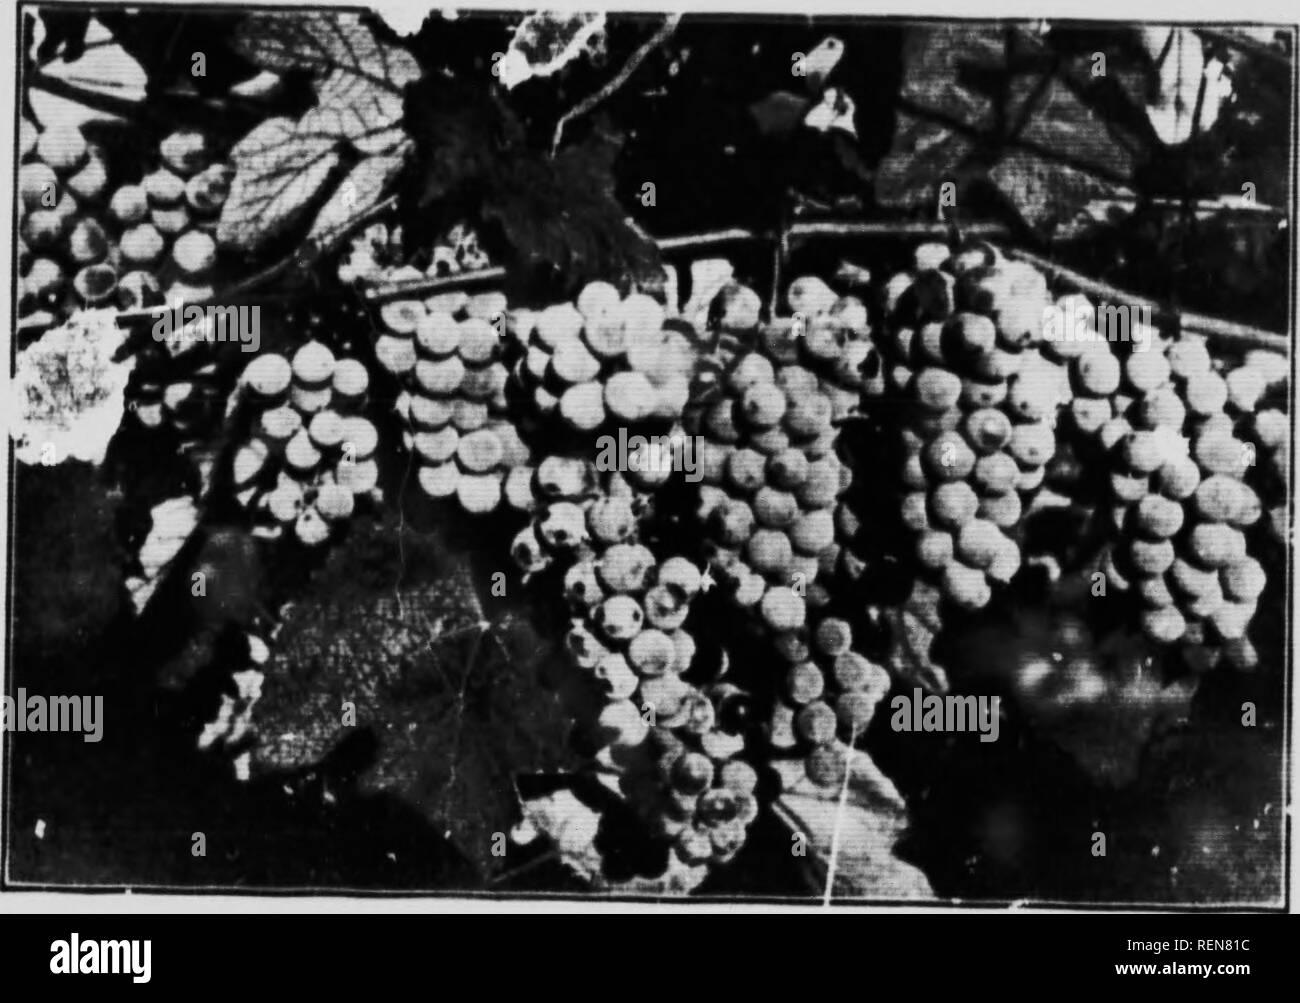 """. Cultivo de Frutas en Ontario, Canadá [microforma]. Fruto de la cultura; la arboricultura fruitière. ( m;iiii- hasta,I IL.ir yo!,.;,' .,M,tiri..ii. malos un liirht. Ji,ir , TIR.ui'l h!; .Irjiiri'.) SriM- nii,'ii> M, L'vspiiciciui-. thru malos !i -illKh.-Ull. Ontarlit-K lUvnl lluvia hace Irri UUtlon InnvieHsary. mil irrnv, I. II (tiil.iriM h:ii'.'i ri:il ii.Kniilairr. .,Il ur. r ii,. l:IiI.,,ix m ''--t>Tli ('aii;i.l;i AII.l hv li; ..  ^'â¢i''-- ''V n.oii ..f- viiiaikal.U'iiii ndvanrairt^ (liiiiati 0 me.f fniit- L'i""""Uiir' . i-tii. - thrr' aire. particil- !a -h III (:., H.  Foto de stock"""